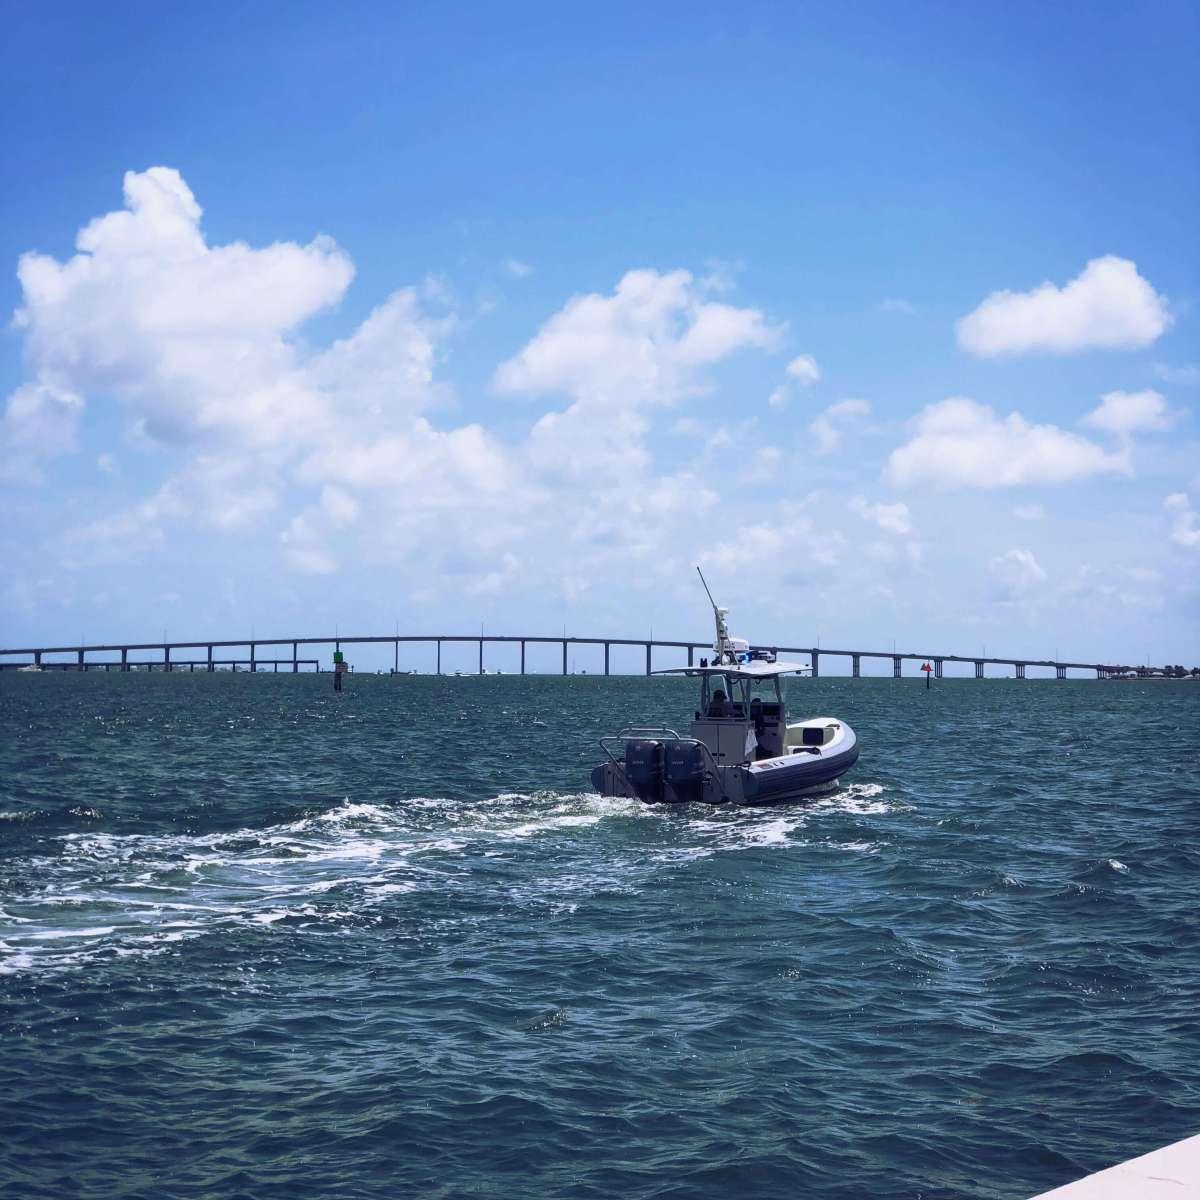 Boats in Miami